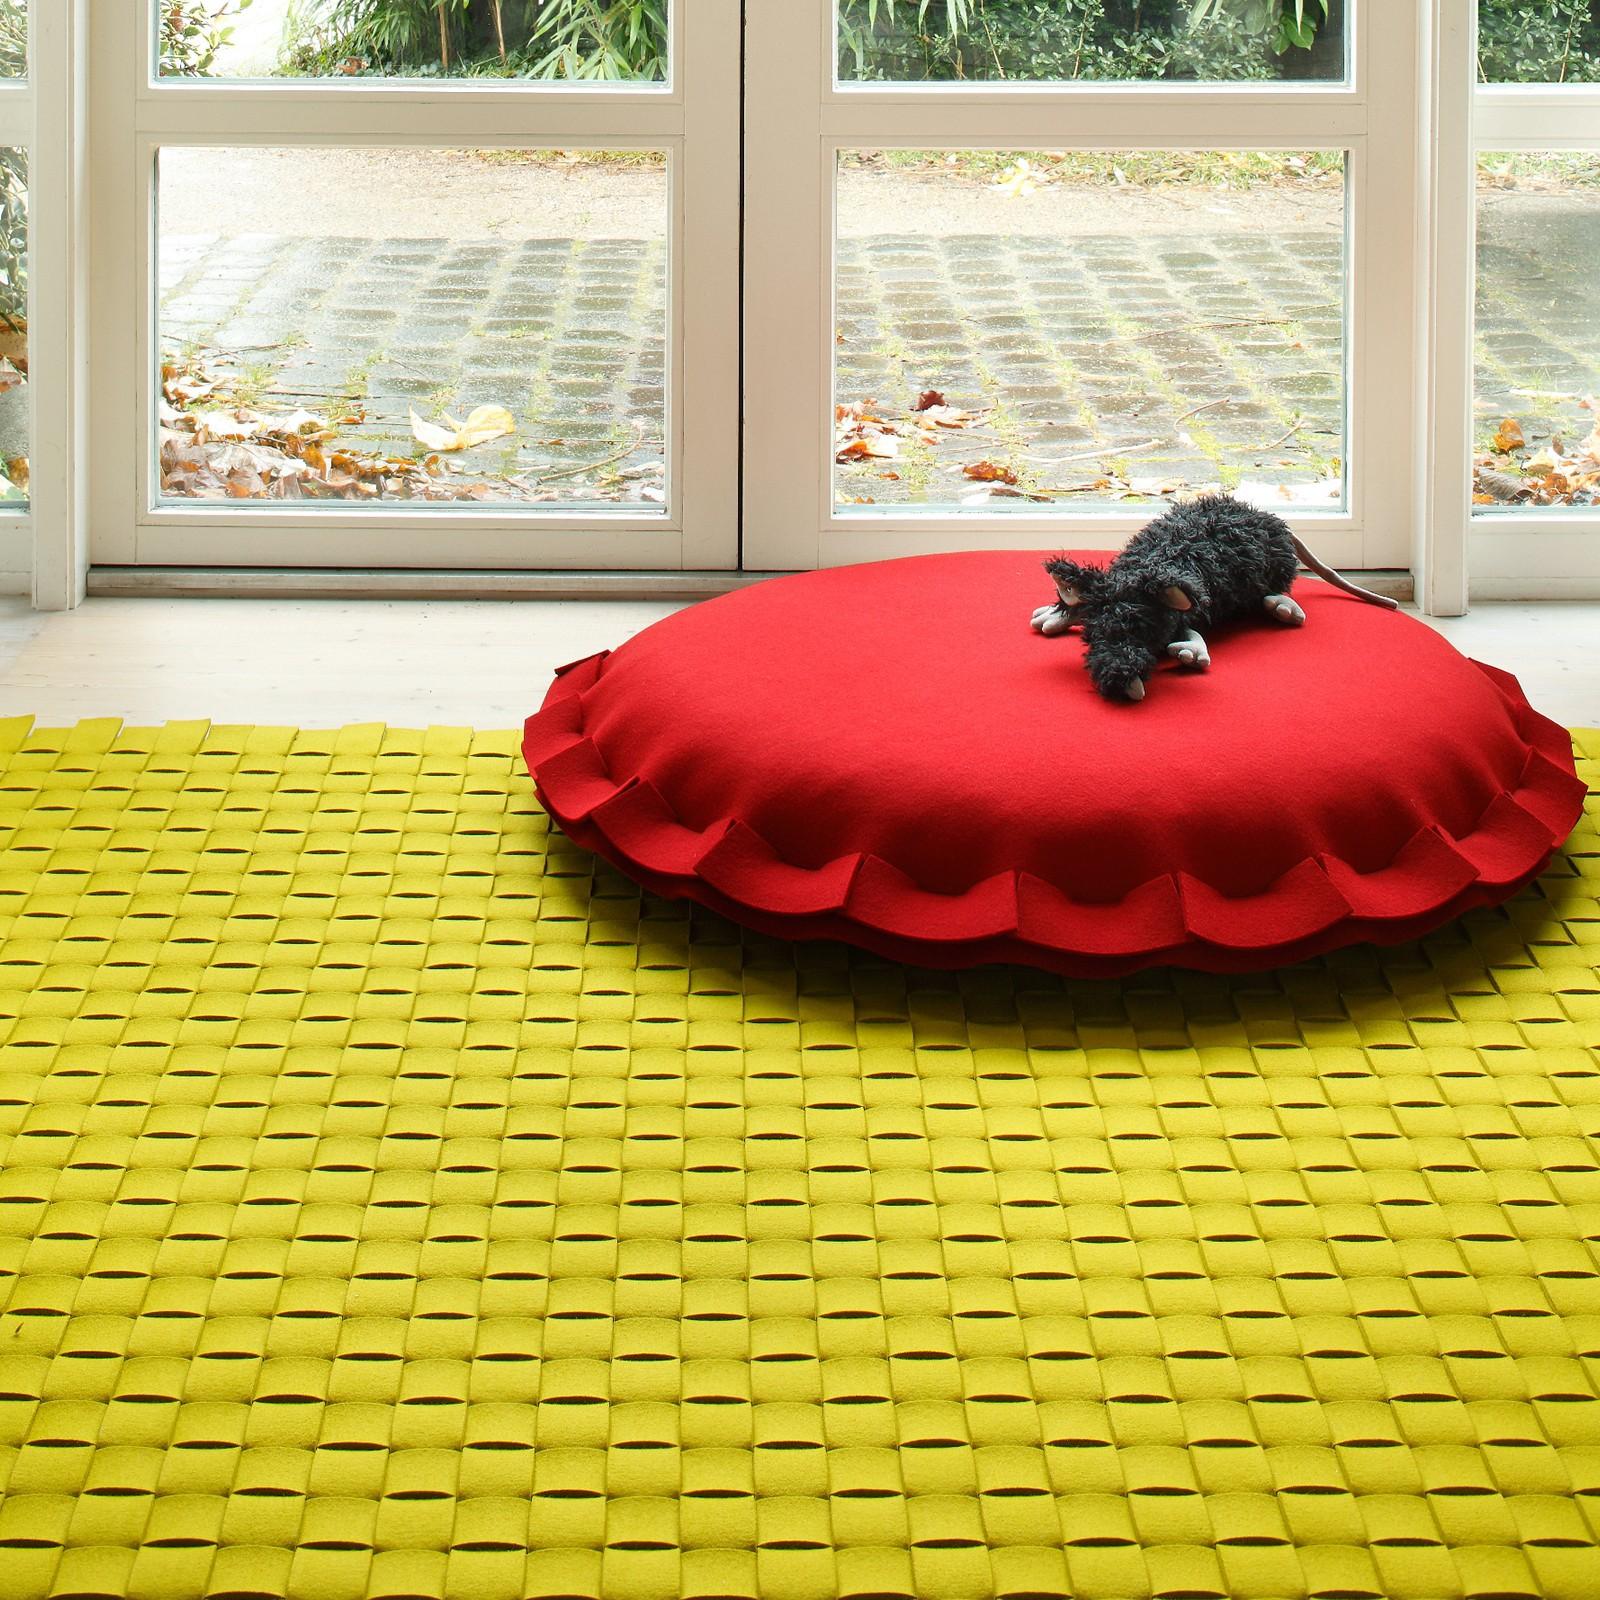 168337 30047 geflecht v teppich aus 10 cm streifen vie 1.jpg